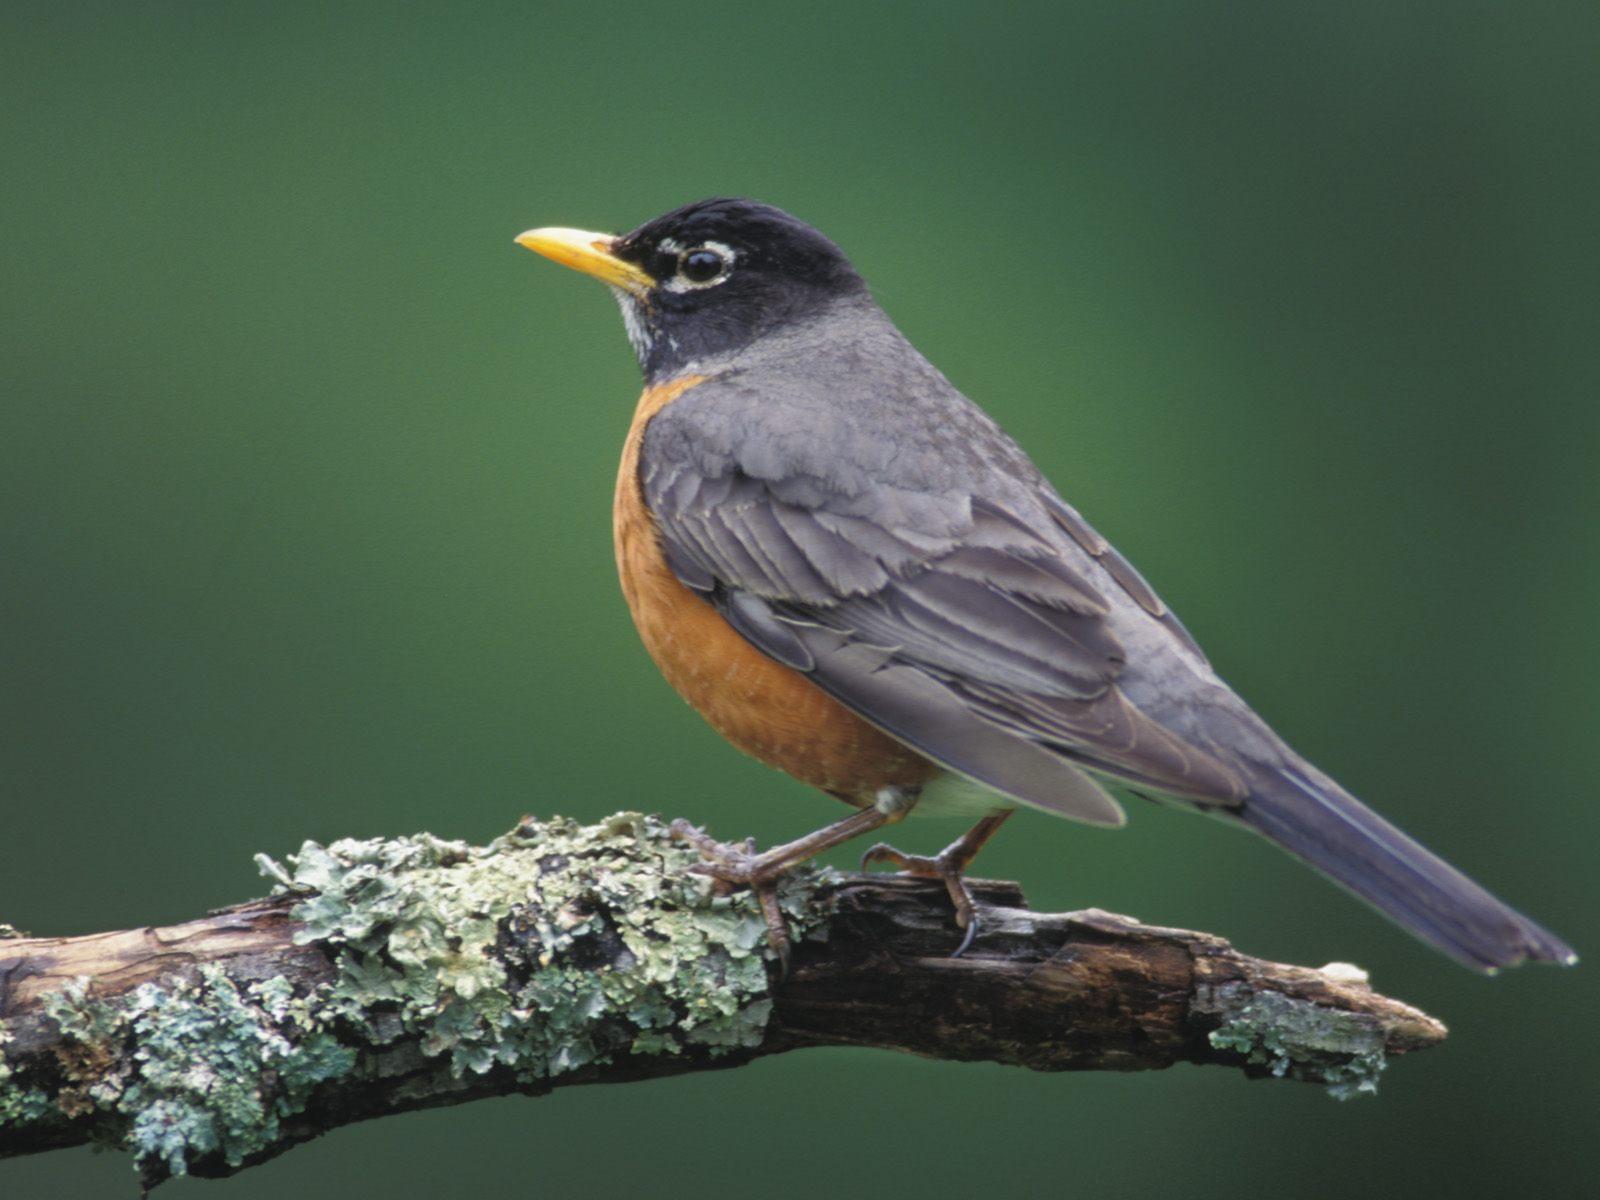 http://1.bp.blogspot.com/_TcwbPuj2SZ0/TFMgA5woN8I/AAAAAAAARvA/2CUdUQFtWMs/s1600/American-Robin-Kentucky.jpg